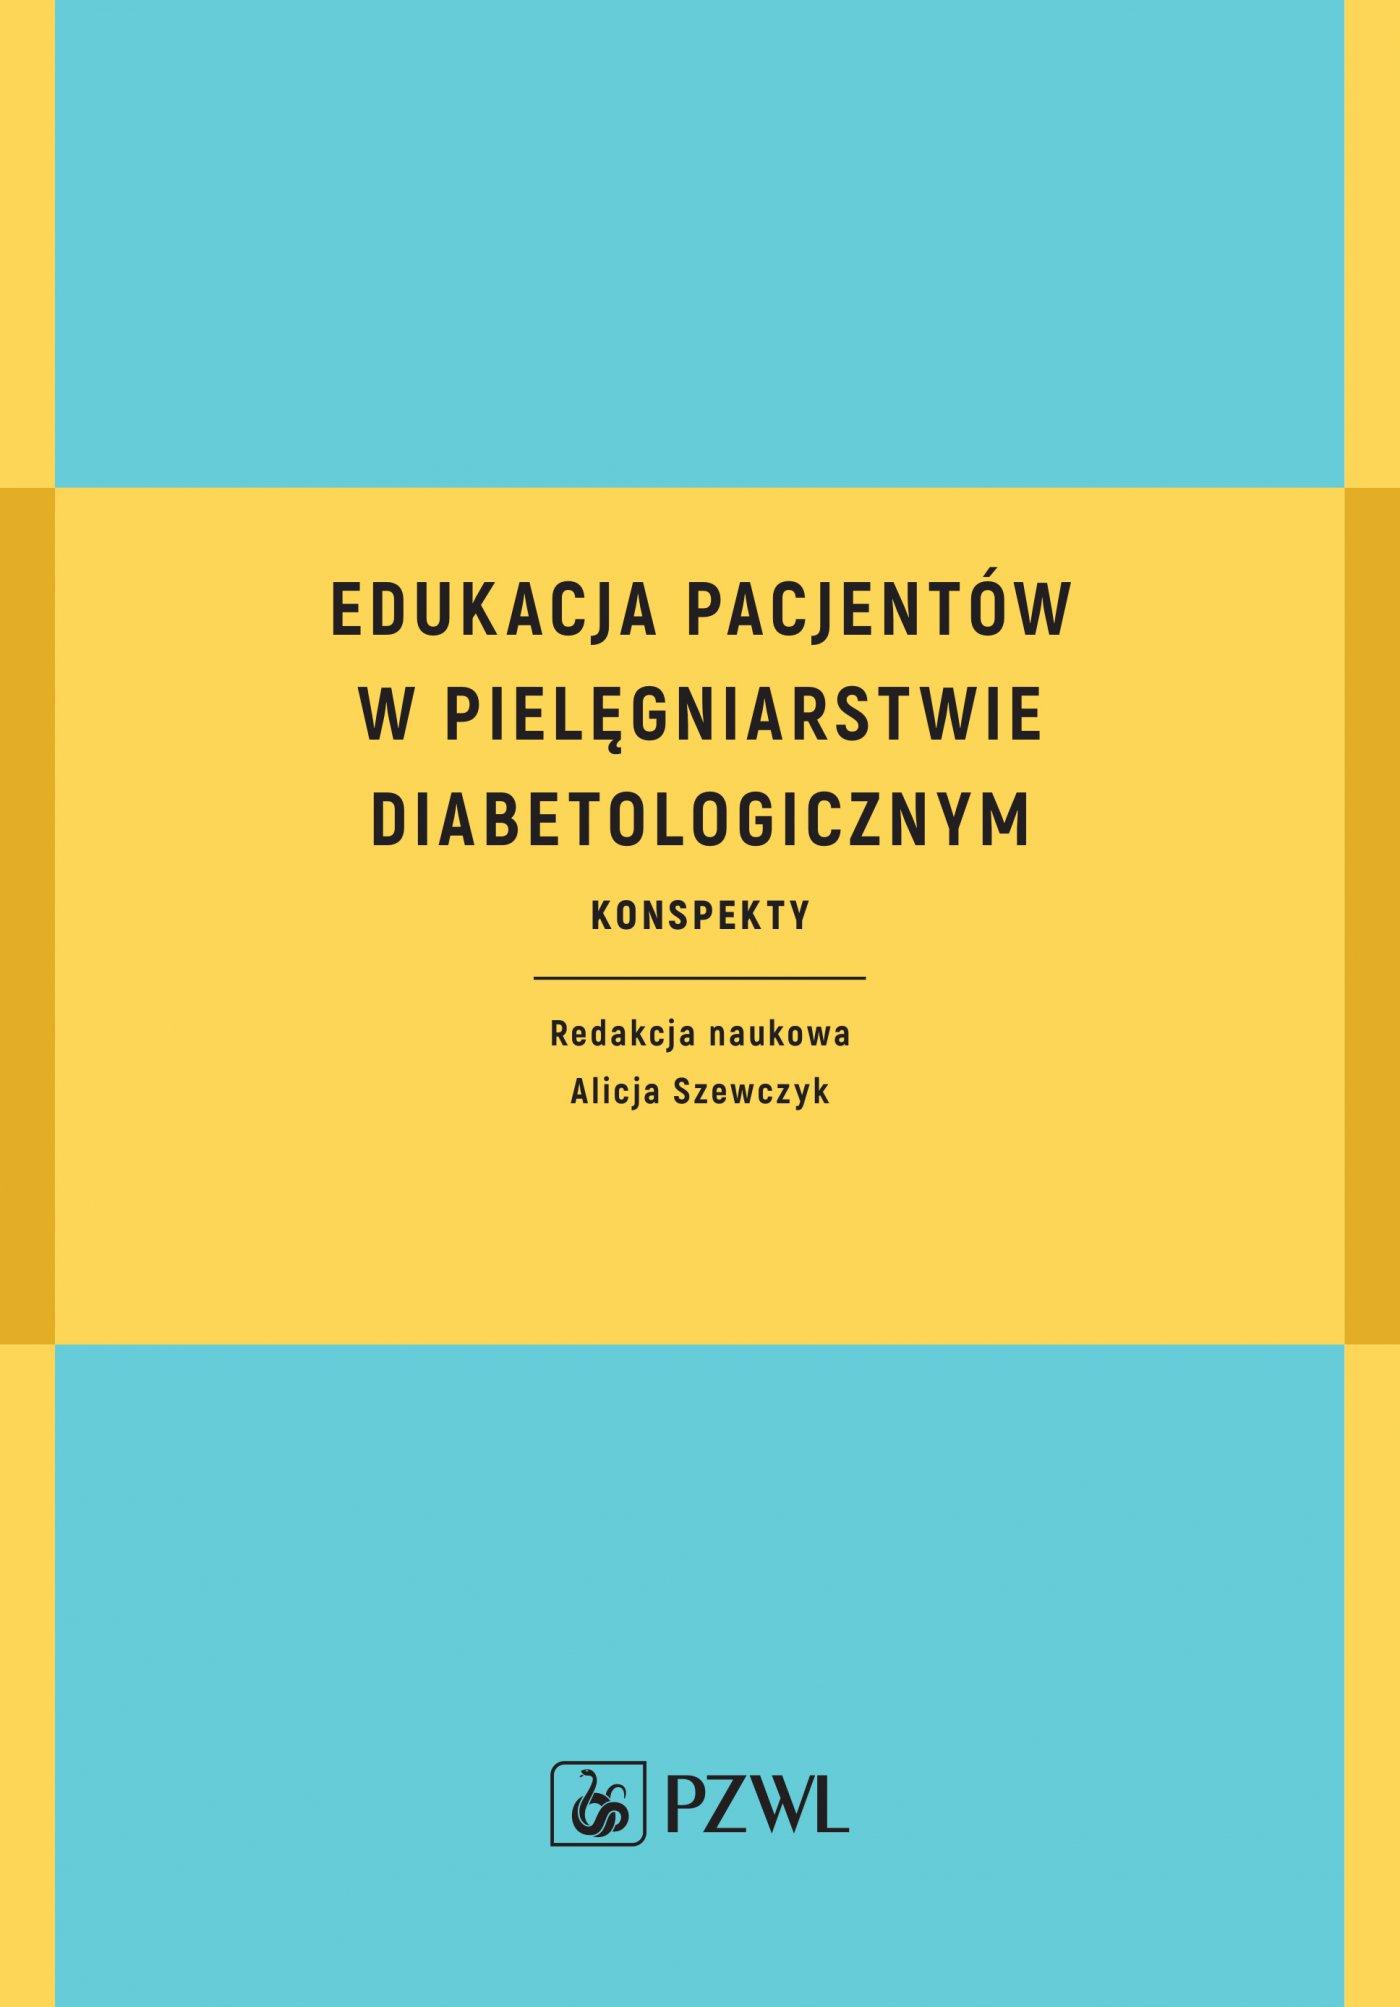 Edukacja pacjentów w pielęgniarstwie diabetologicznym. Konspekty - Ebook (Książka na Kindle) do pobrania w formacie MOBI